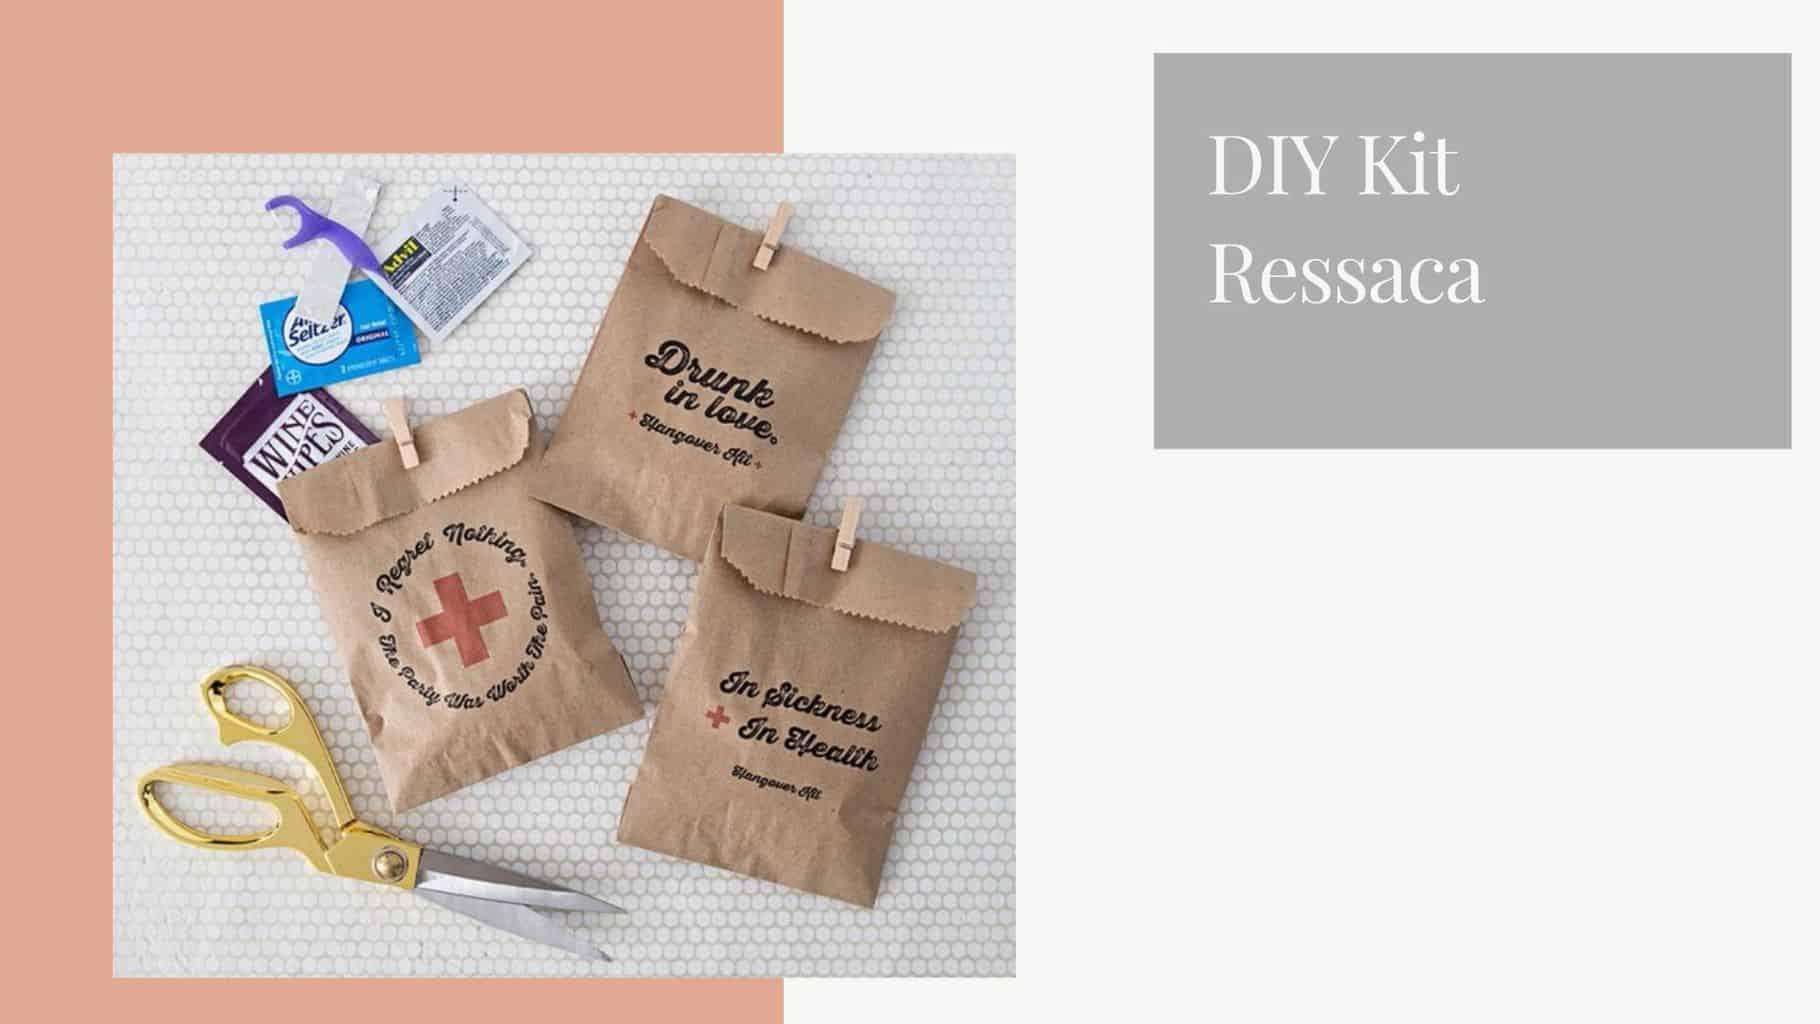 DIY-Kit-ressaca-lembracinha-de-casamento-3